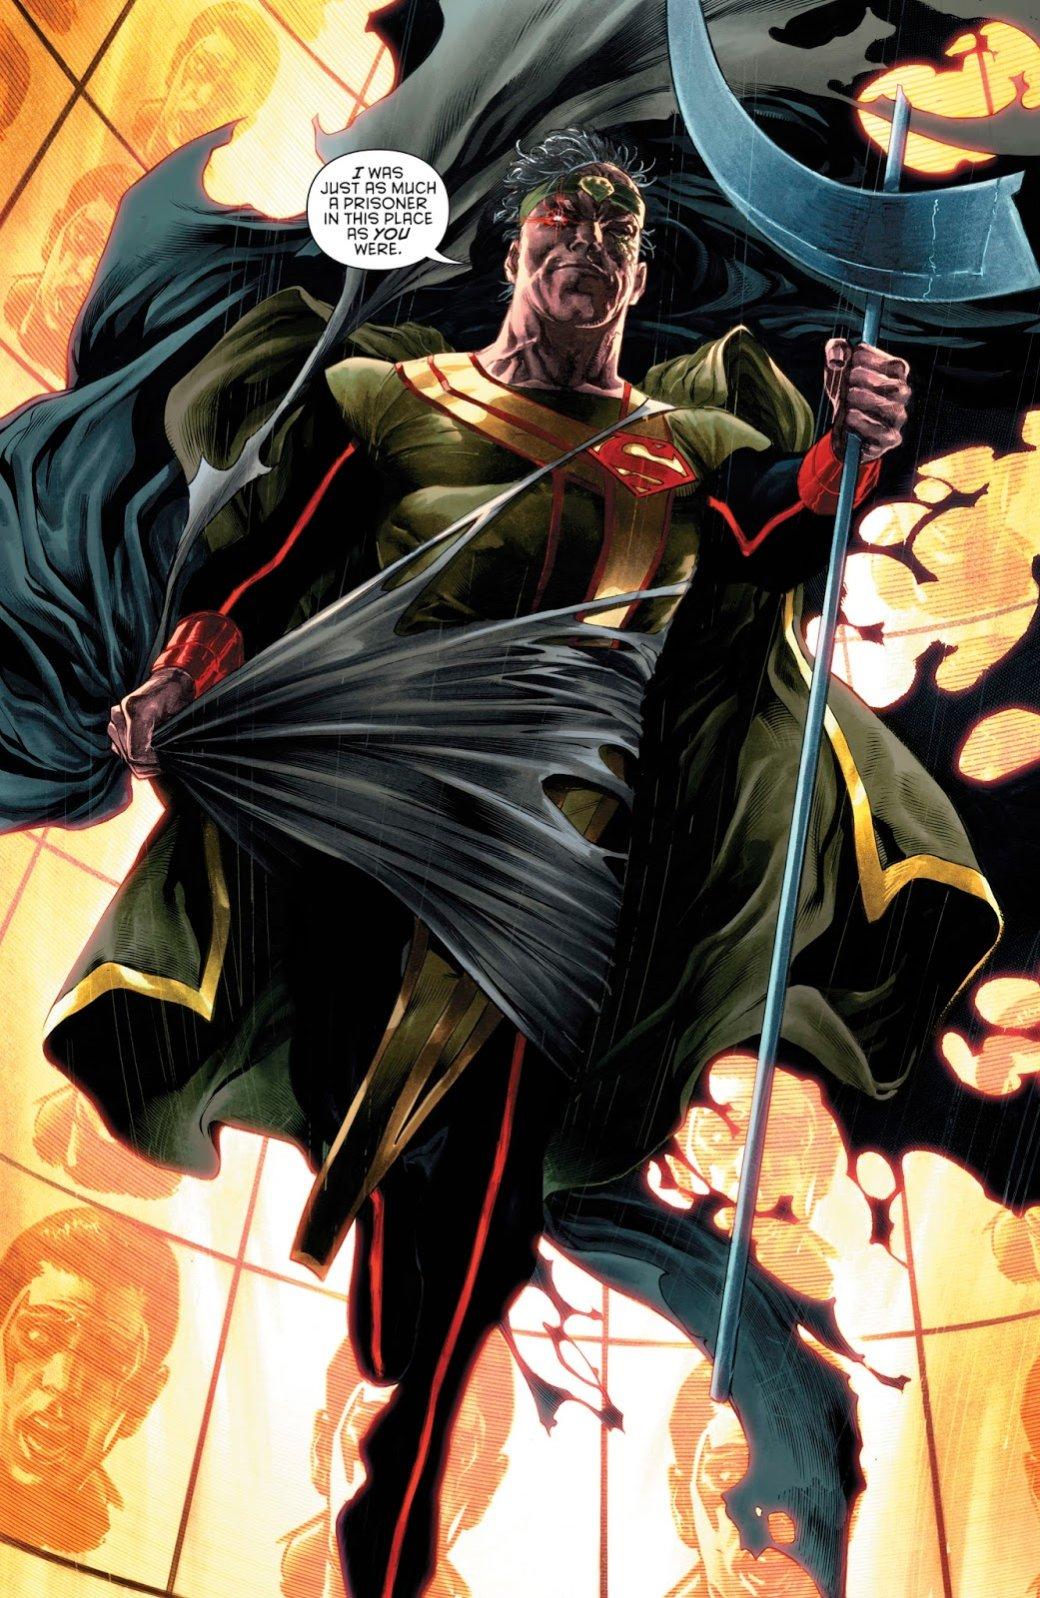 Бэтмен будущего, данетот: как два Тима Дрейка встретились настраницах комикса DC. - Изображение 5